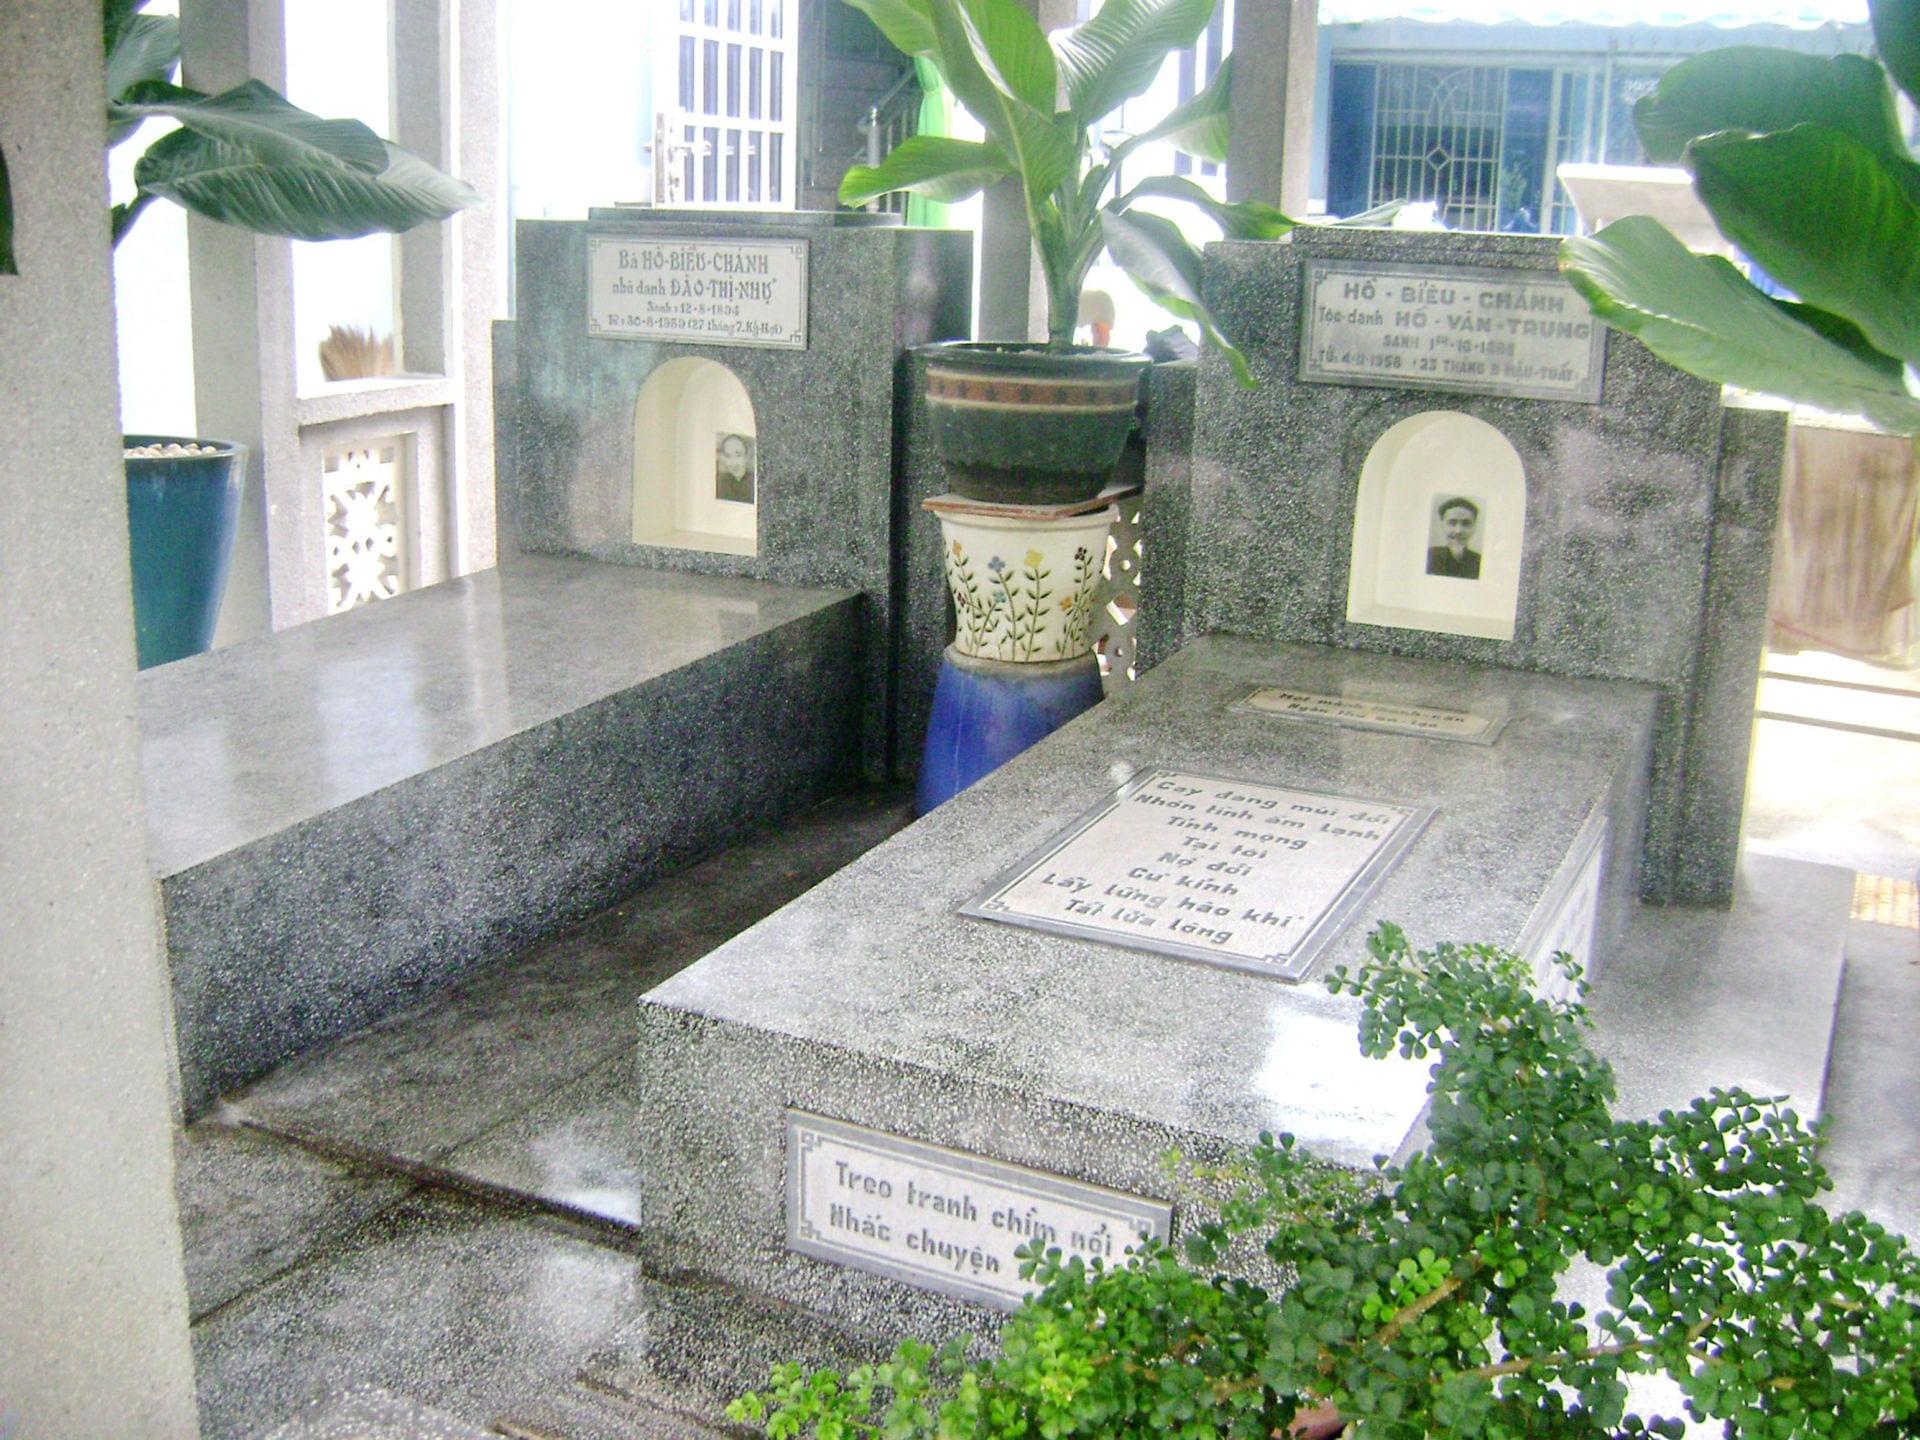 Thăm lăng mộ các bậc hiền nhân Sài Gòn-Gia Định xưa - 5